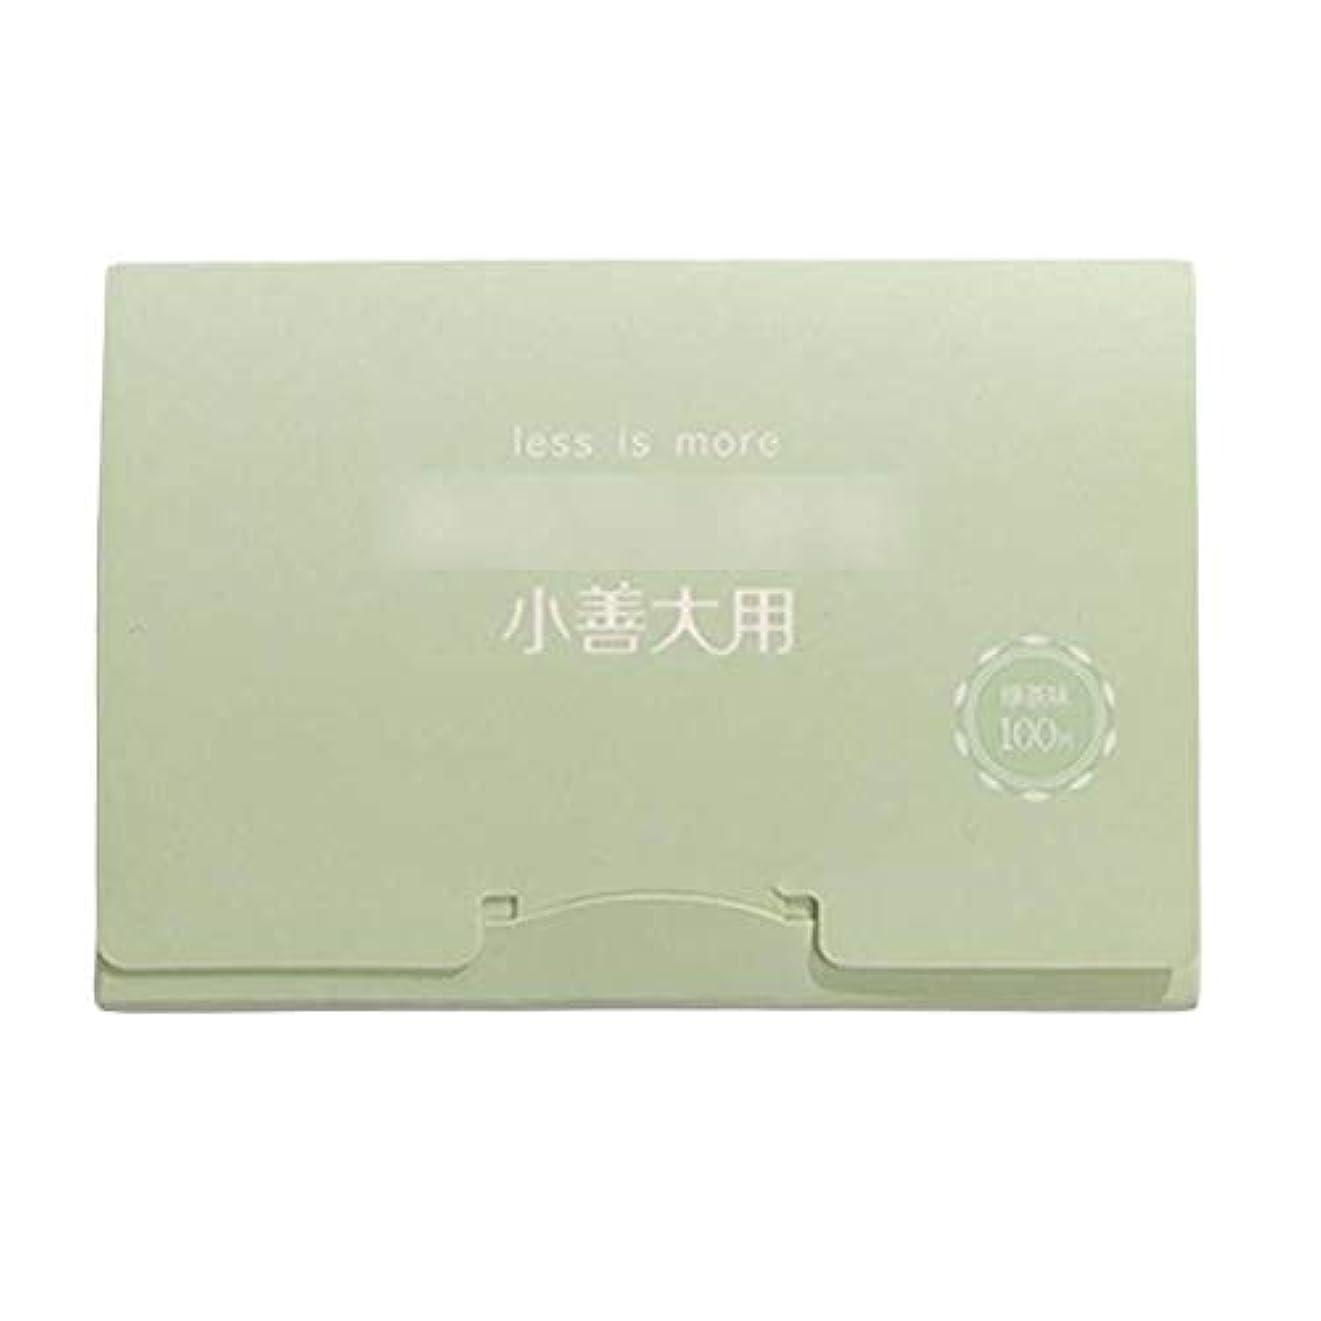 化学フィードバック部門緑茶夏顔用携帯用あぶらとりティッシュペーパー、300枚